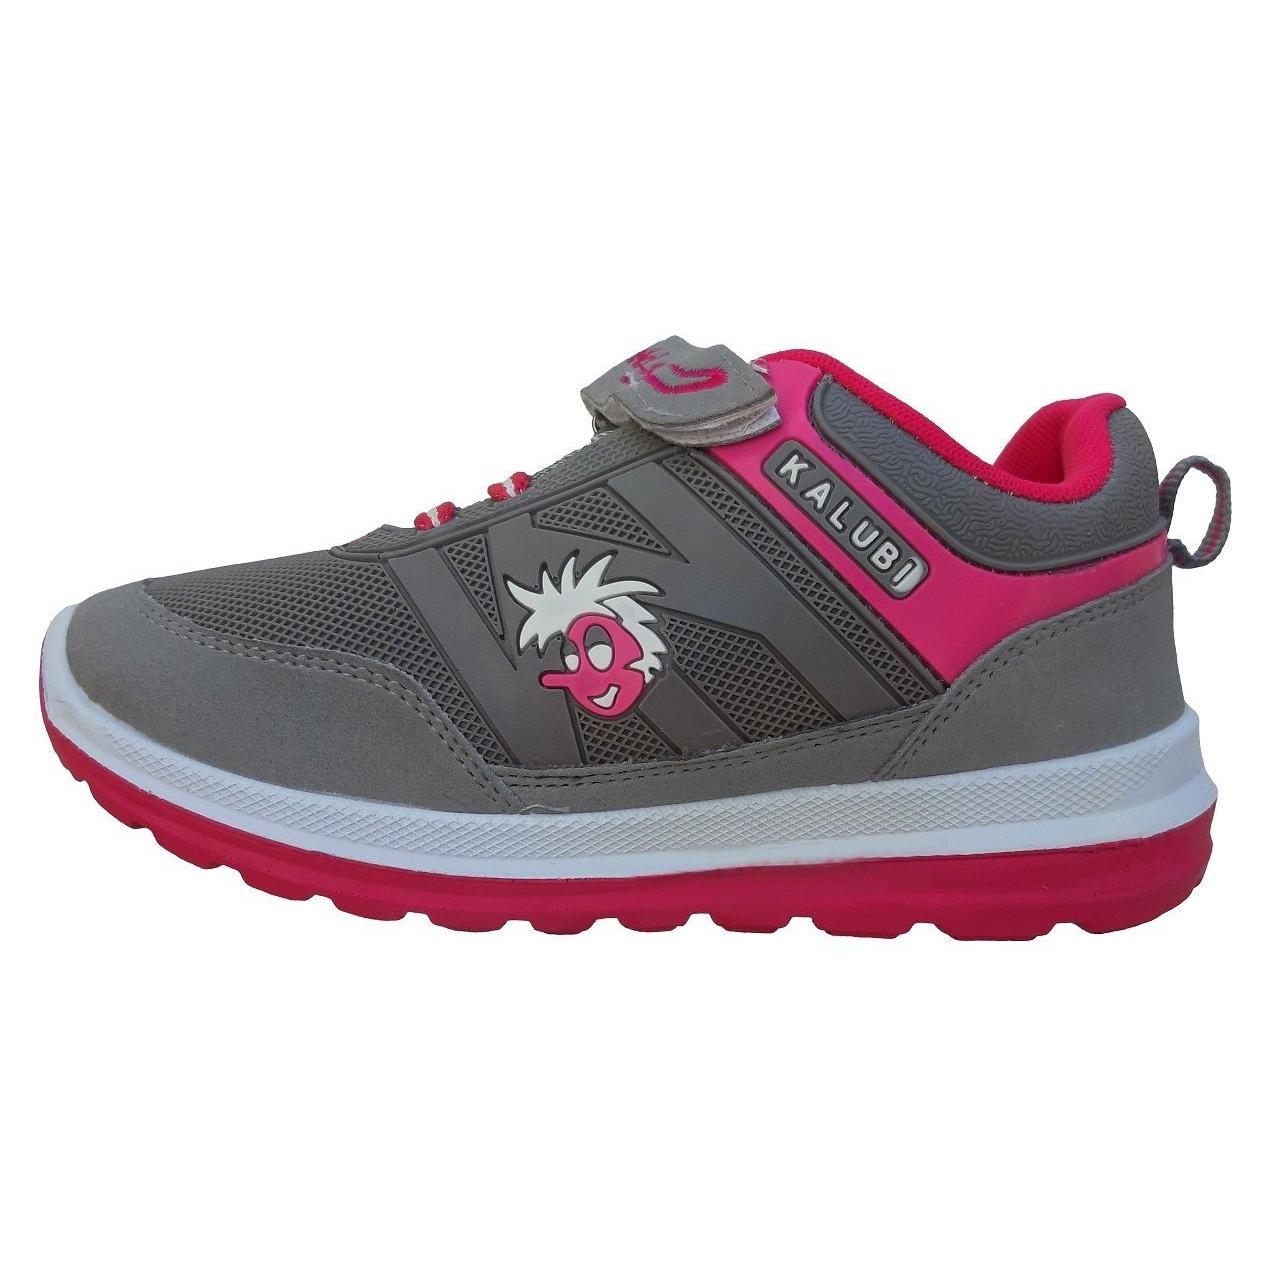 کفش راحتی دخترانه حمید اسپرت  کد 203010 main 1 1